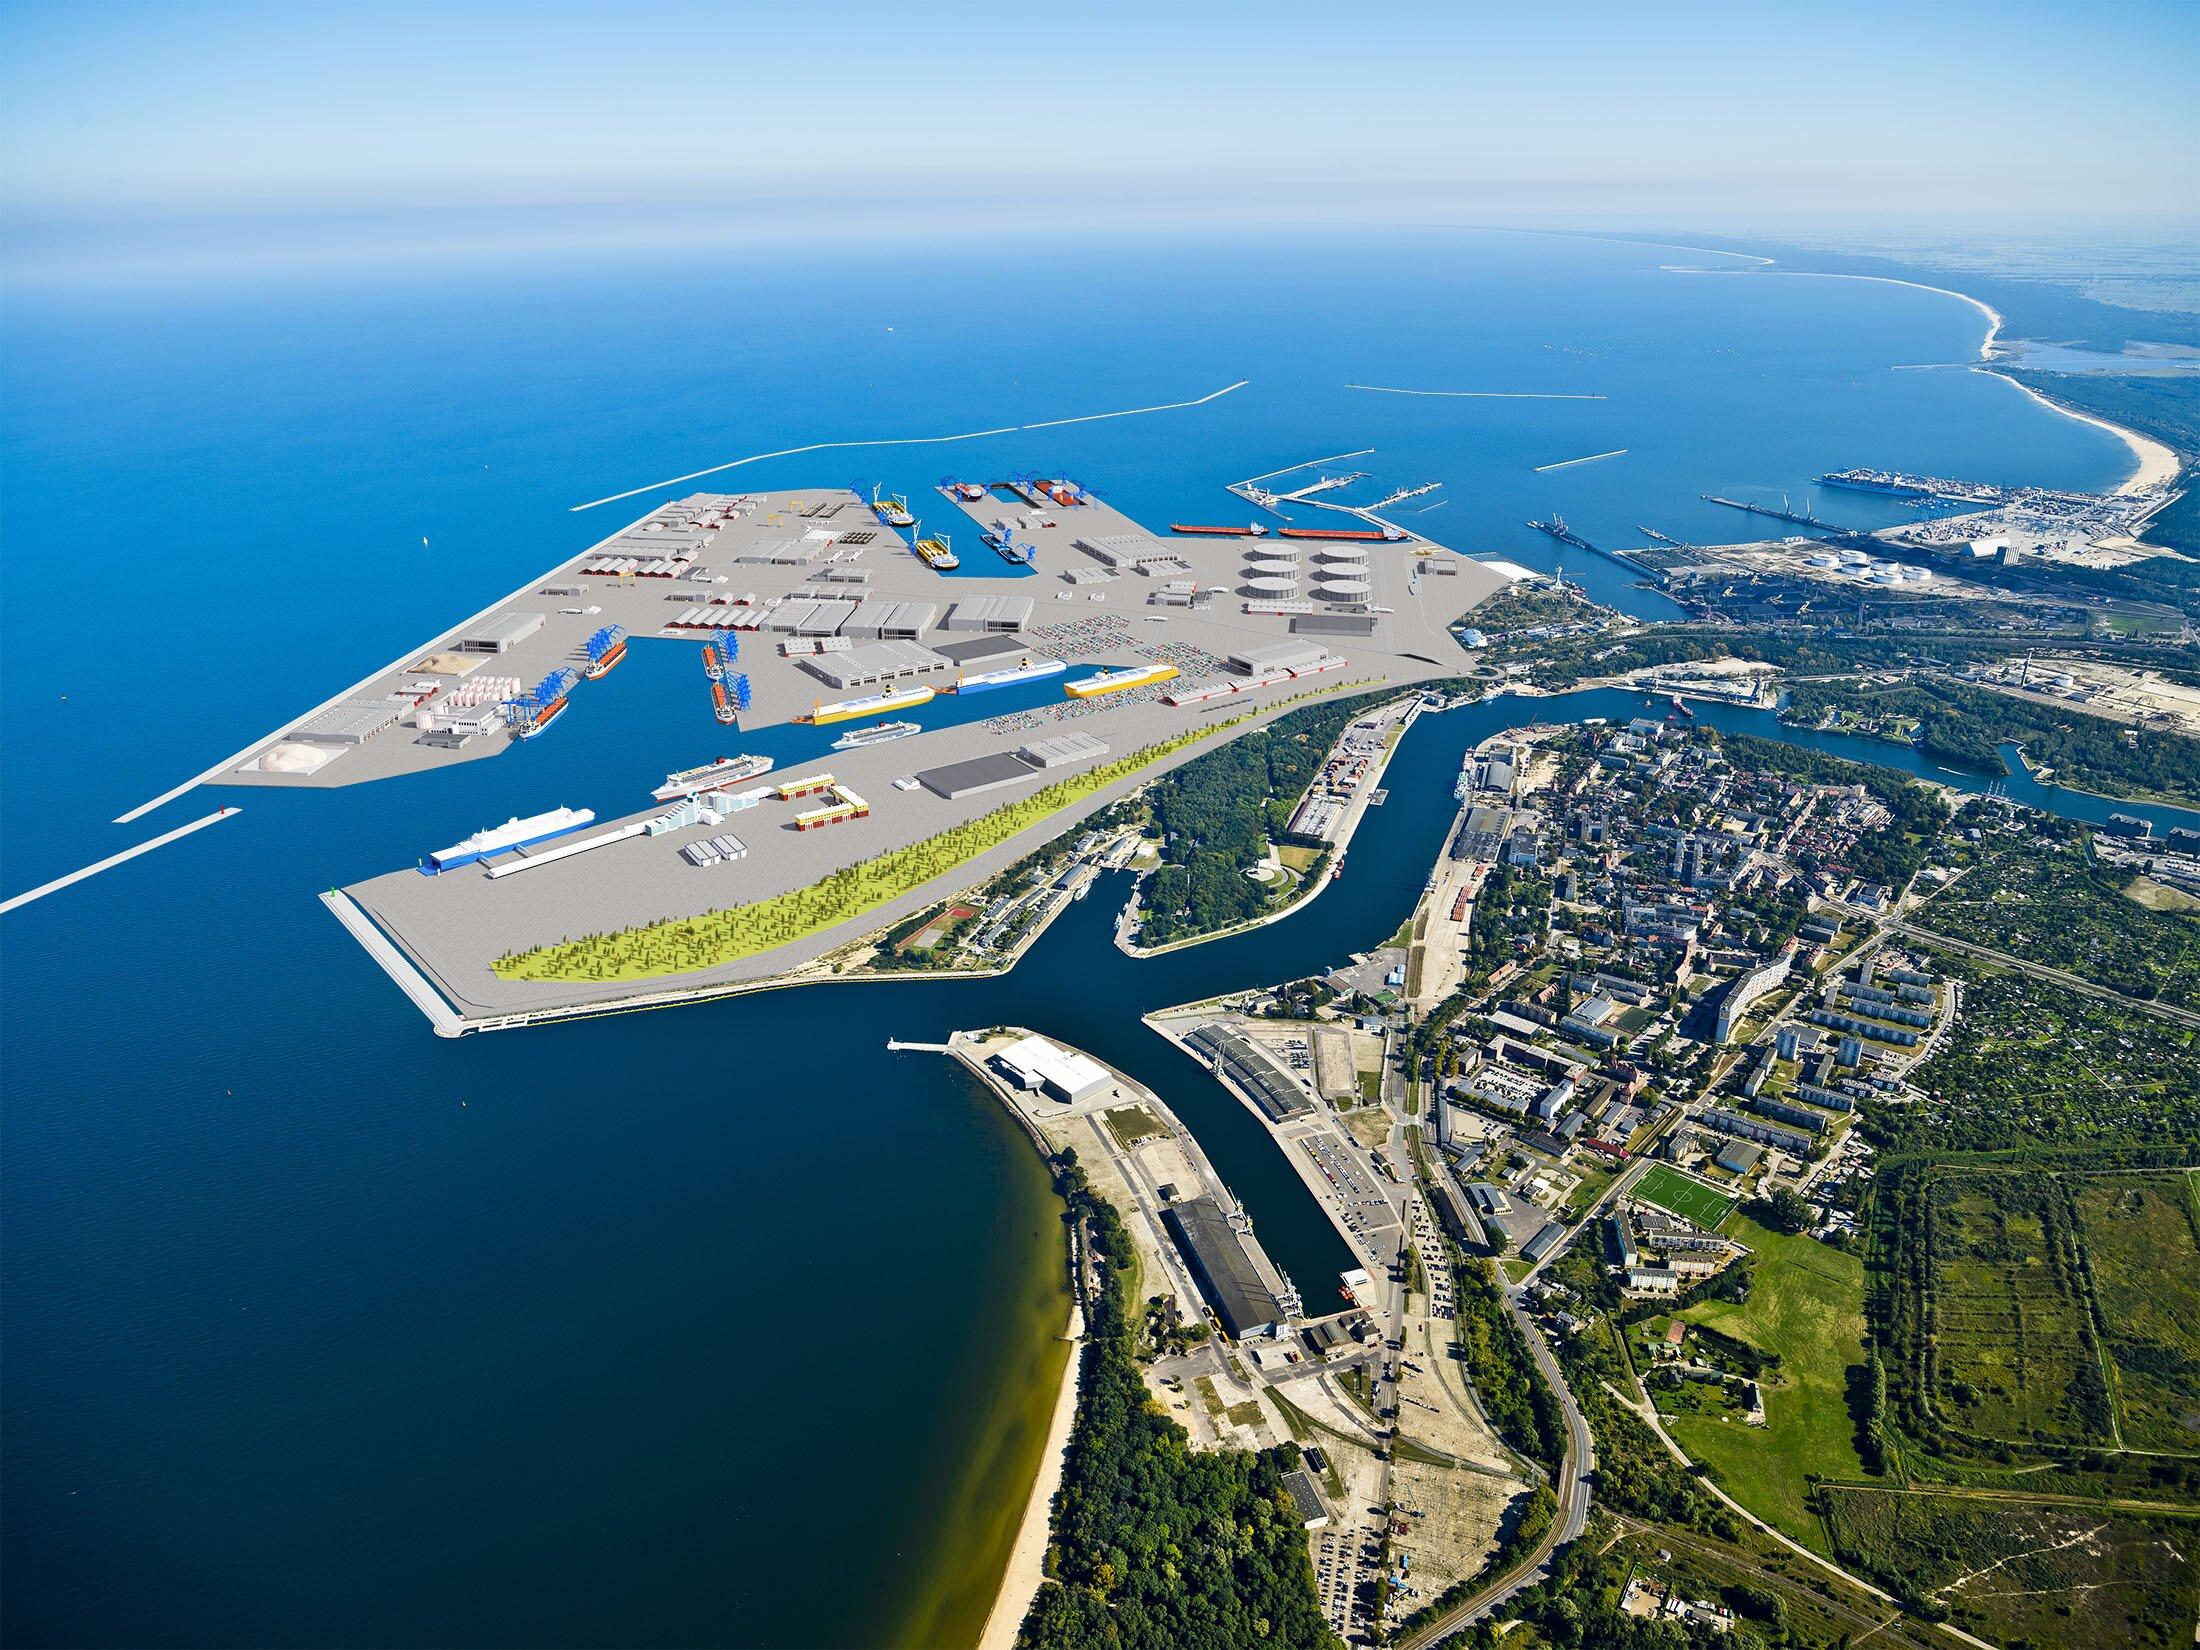 wizualizacje-3d-port-gdansk-5